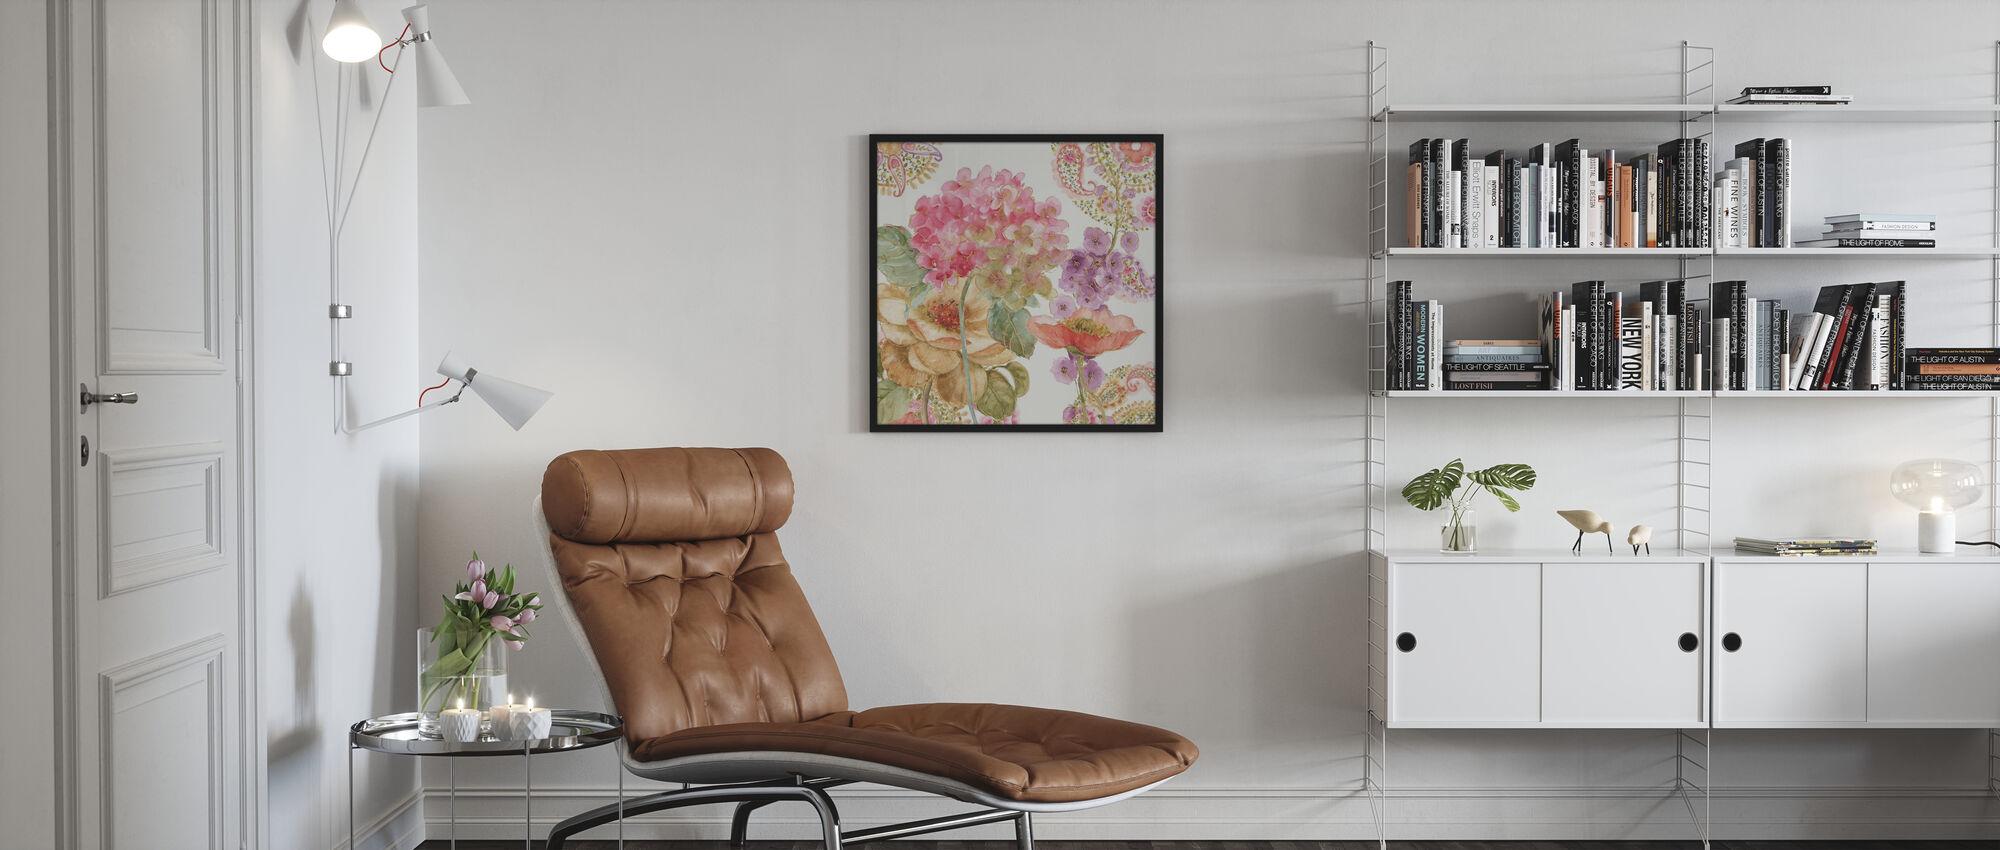 Regenboog Zaden Paisley 2 - Poster - Woonkamer